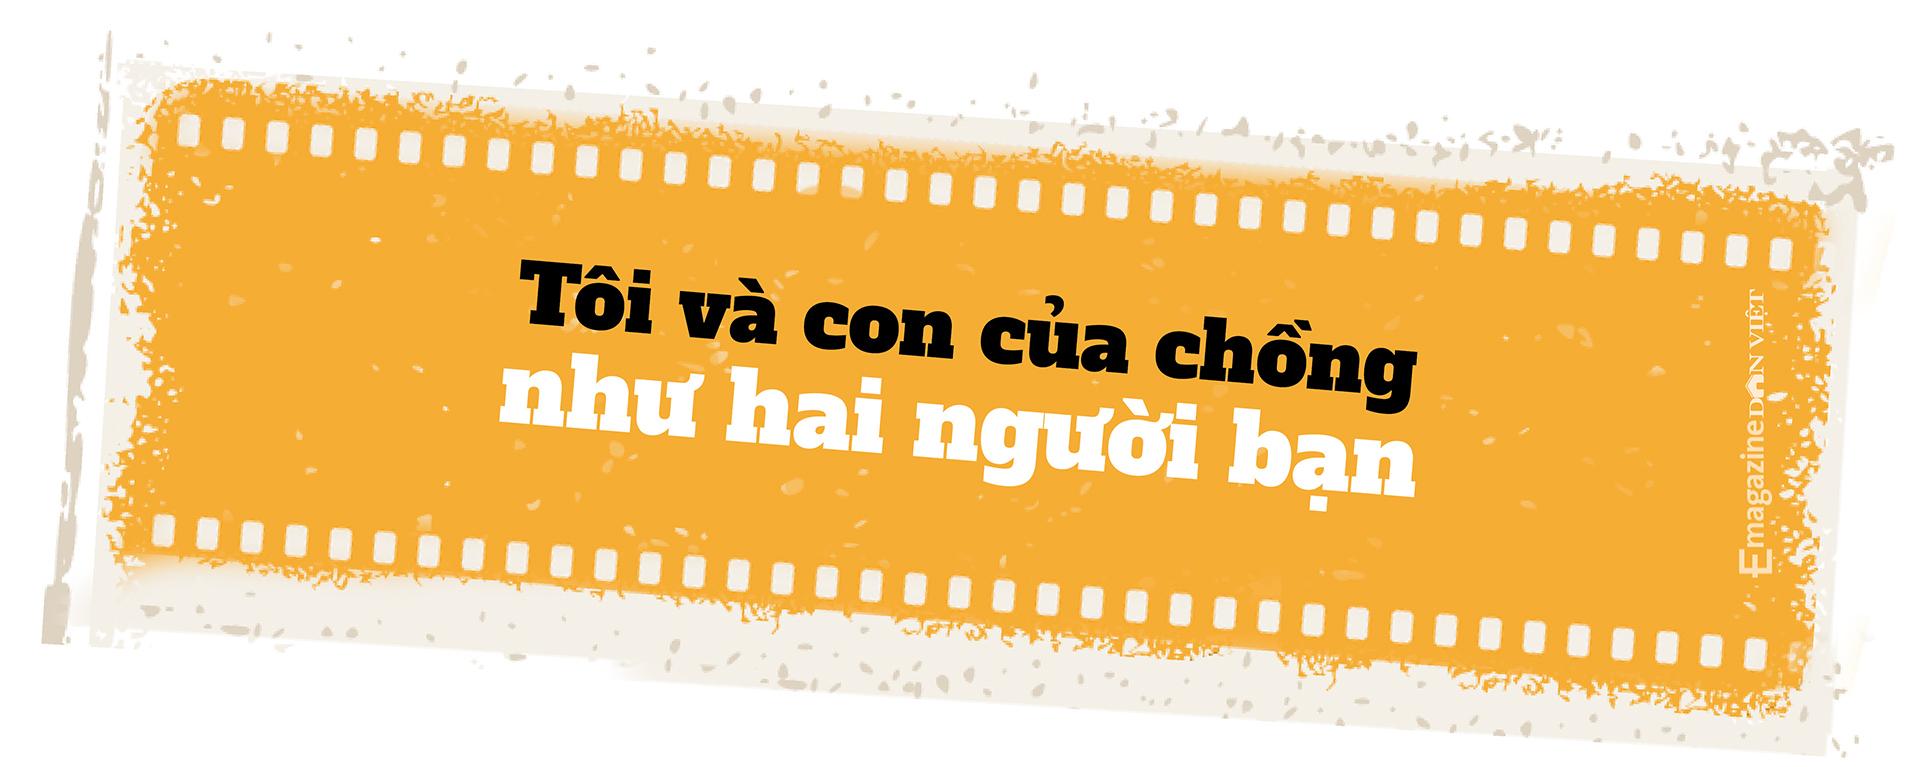 Diễn viên – đạo diễn Hồng Ánh: Tôi có cuộc sống khác biệt với số đông nhưng hạnh phúc theo cách riêng - Ảnh 10.